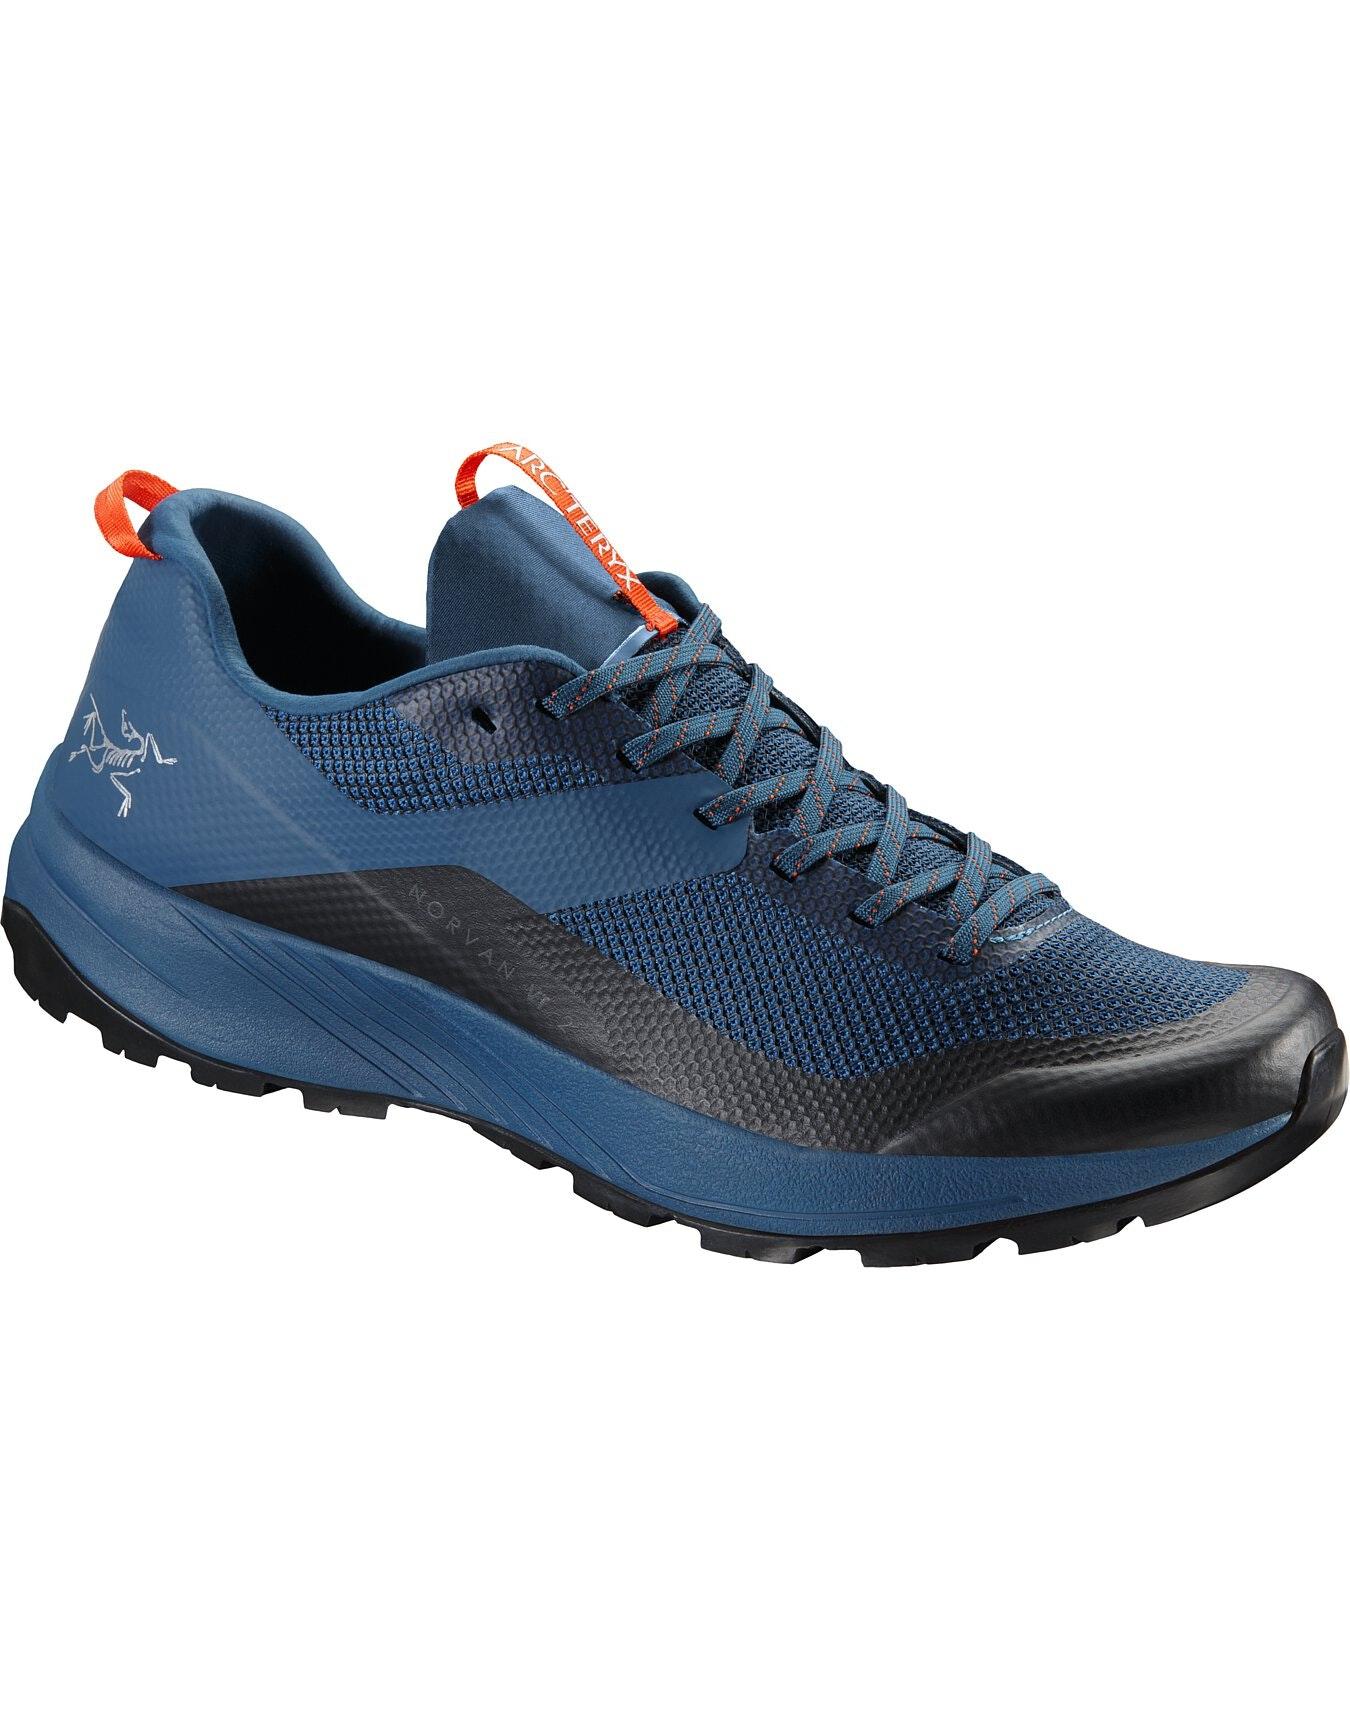 Norvan VT 2 Shoe Odyssea/Trail Blaze